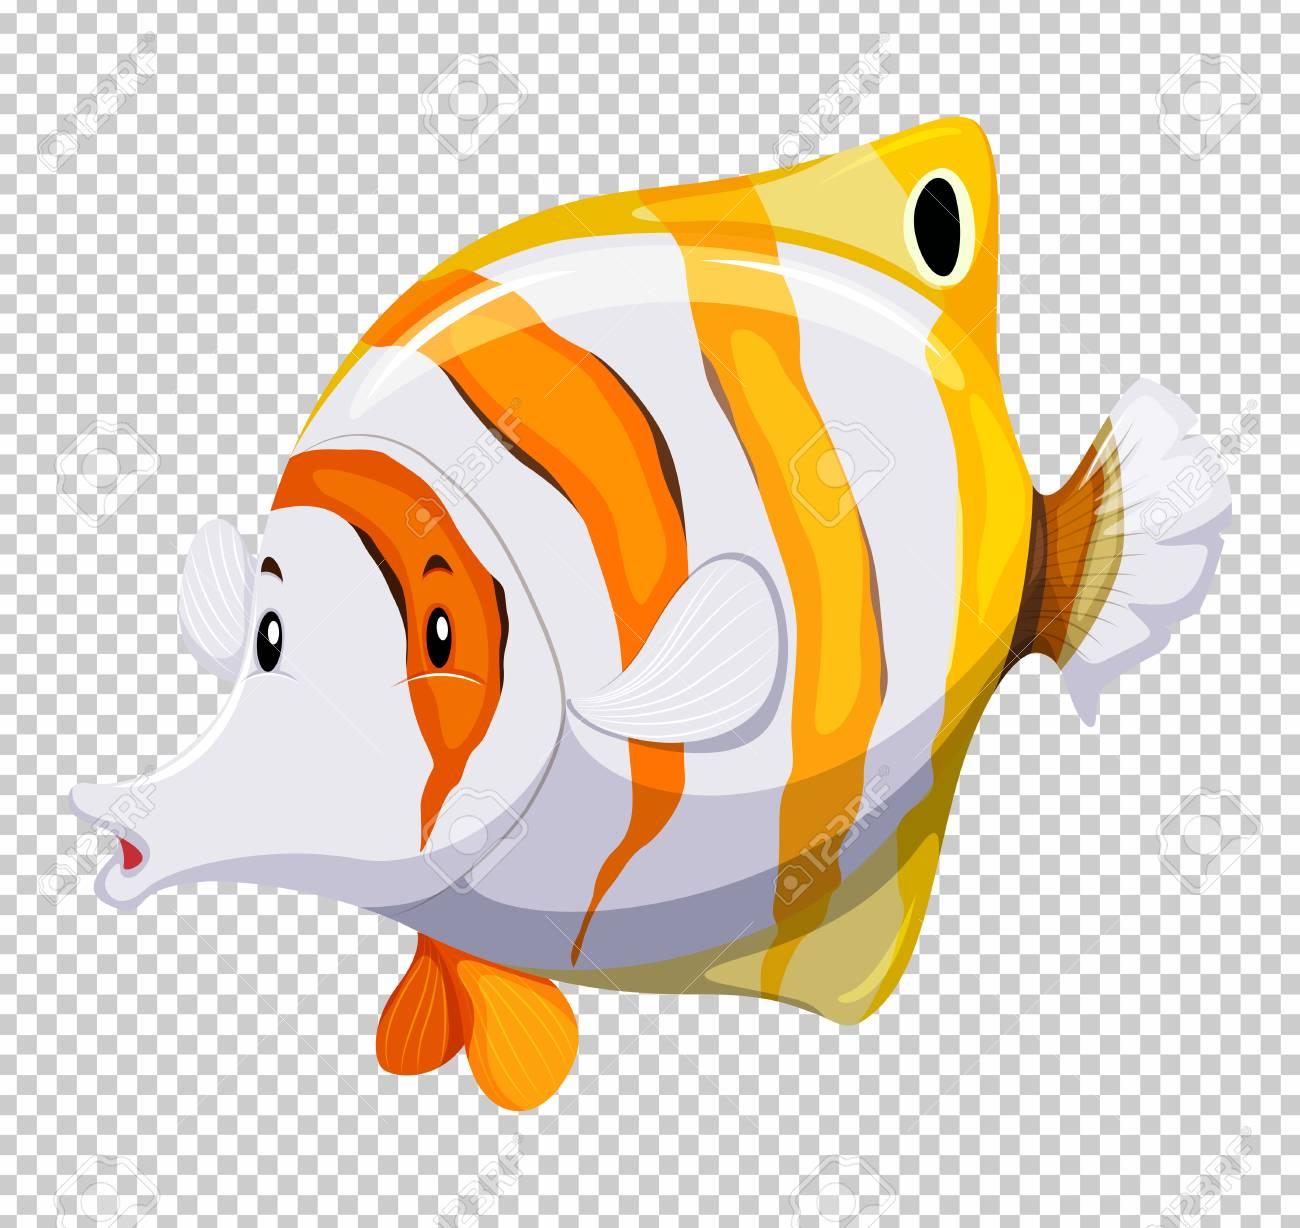 透明な背景イラストをかわいい魚のイラスト素材ベクタ Image 78000047